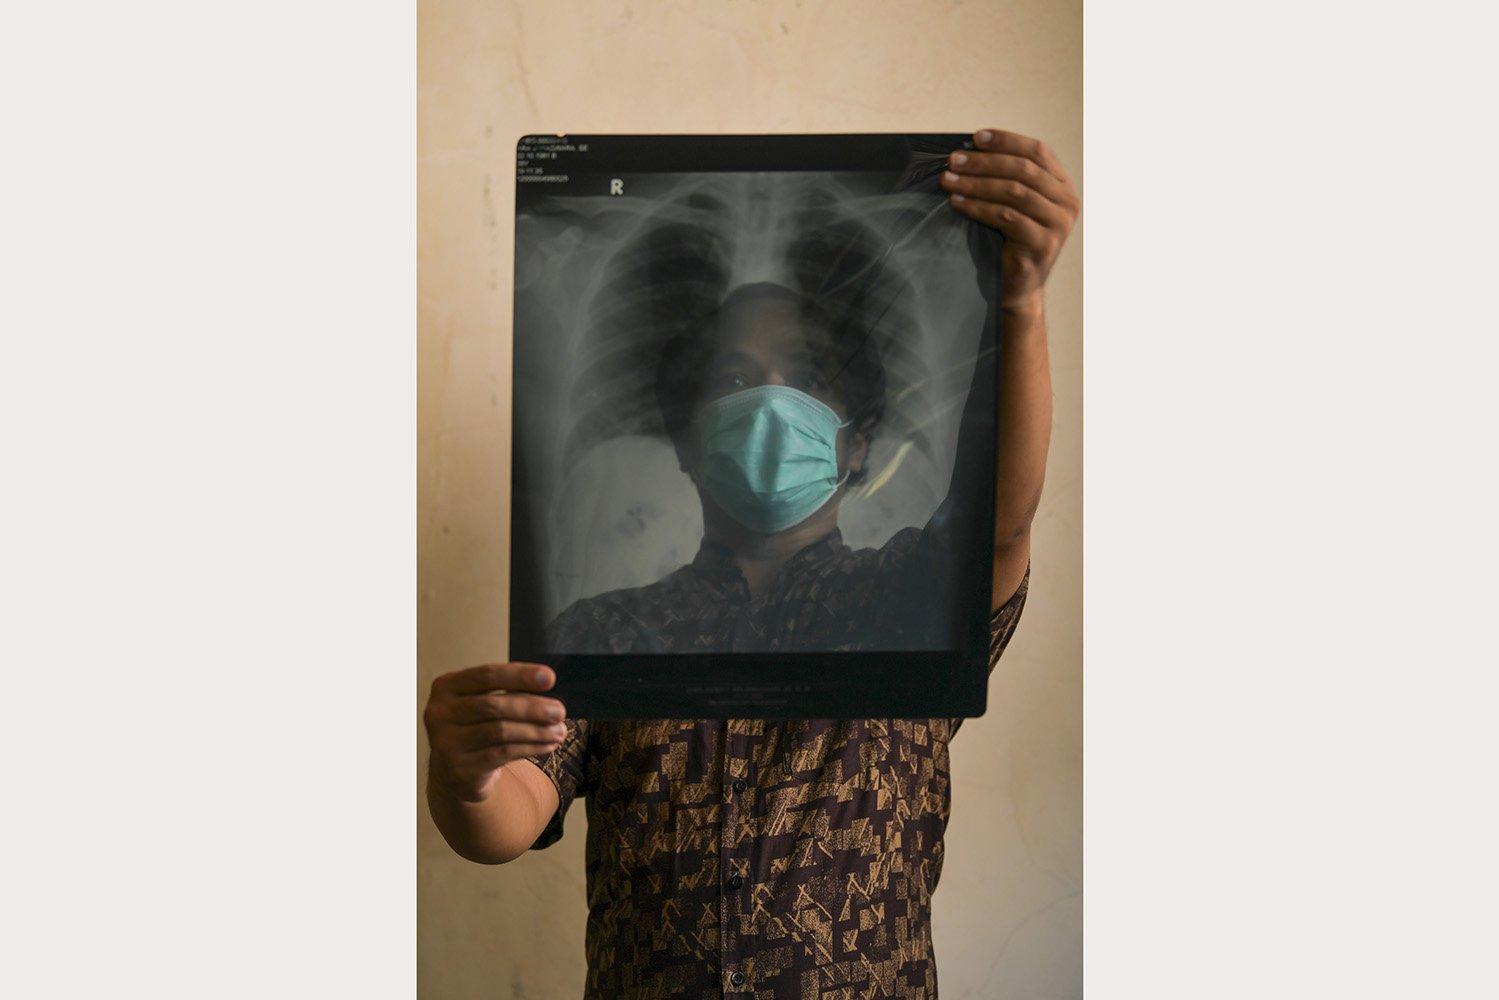 Ara Wiraswara (39), seorang ASN, menunjukkan hasil rontgen paru-paru miliknya di Bogor. Dari pengalaman Ara selama menjalani isolasi di RSUD Kota Bogor, Jawa Barat, dukungan moral sangat dibutuhkan oleh pasien.\r\n